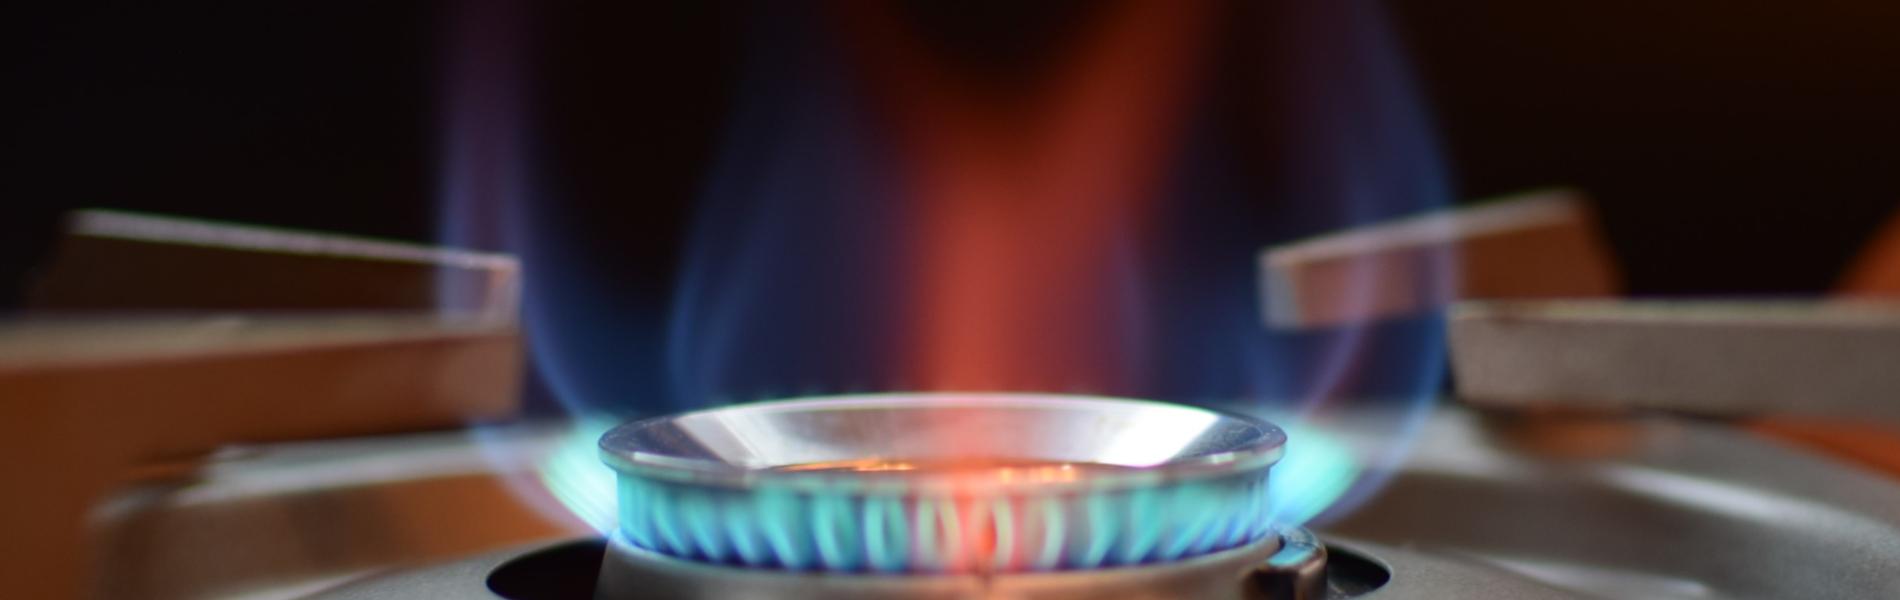 エネルギーを常に安定供給することが私たちの誇りです。